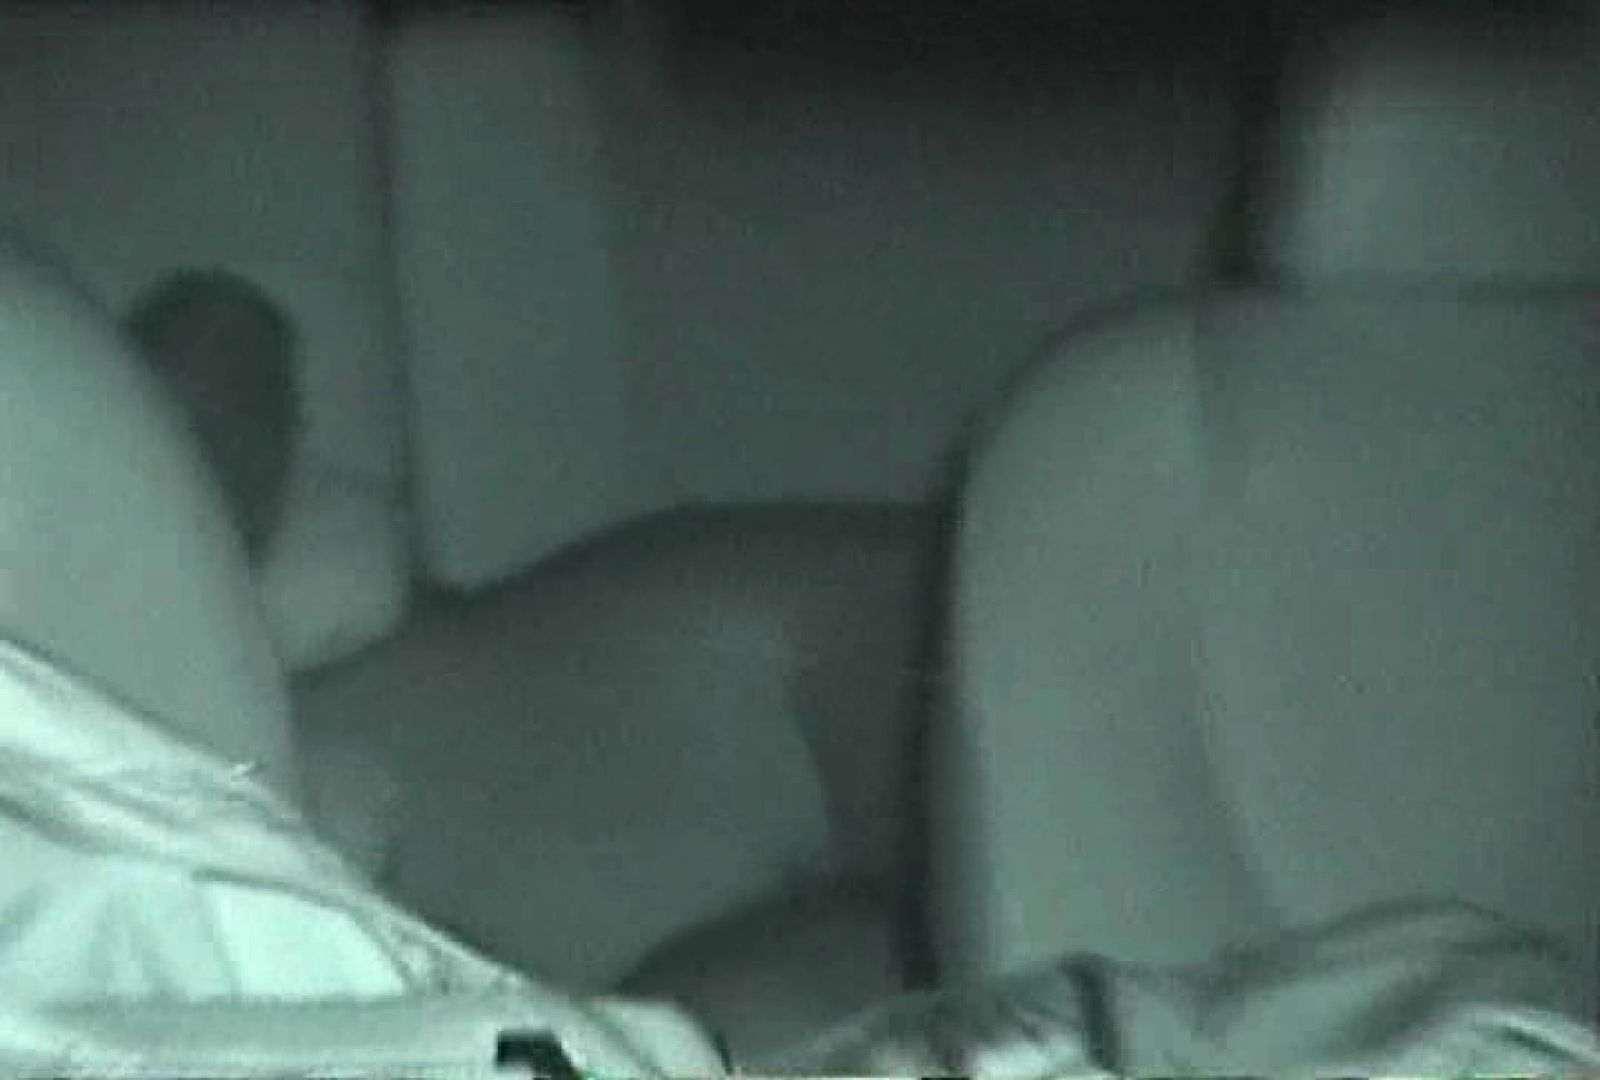 充血監督の深夜の運動会Vol.57 ギャルの実態 のぞき動画画像 73pic 70